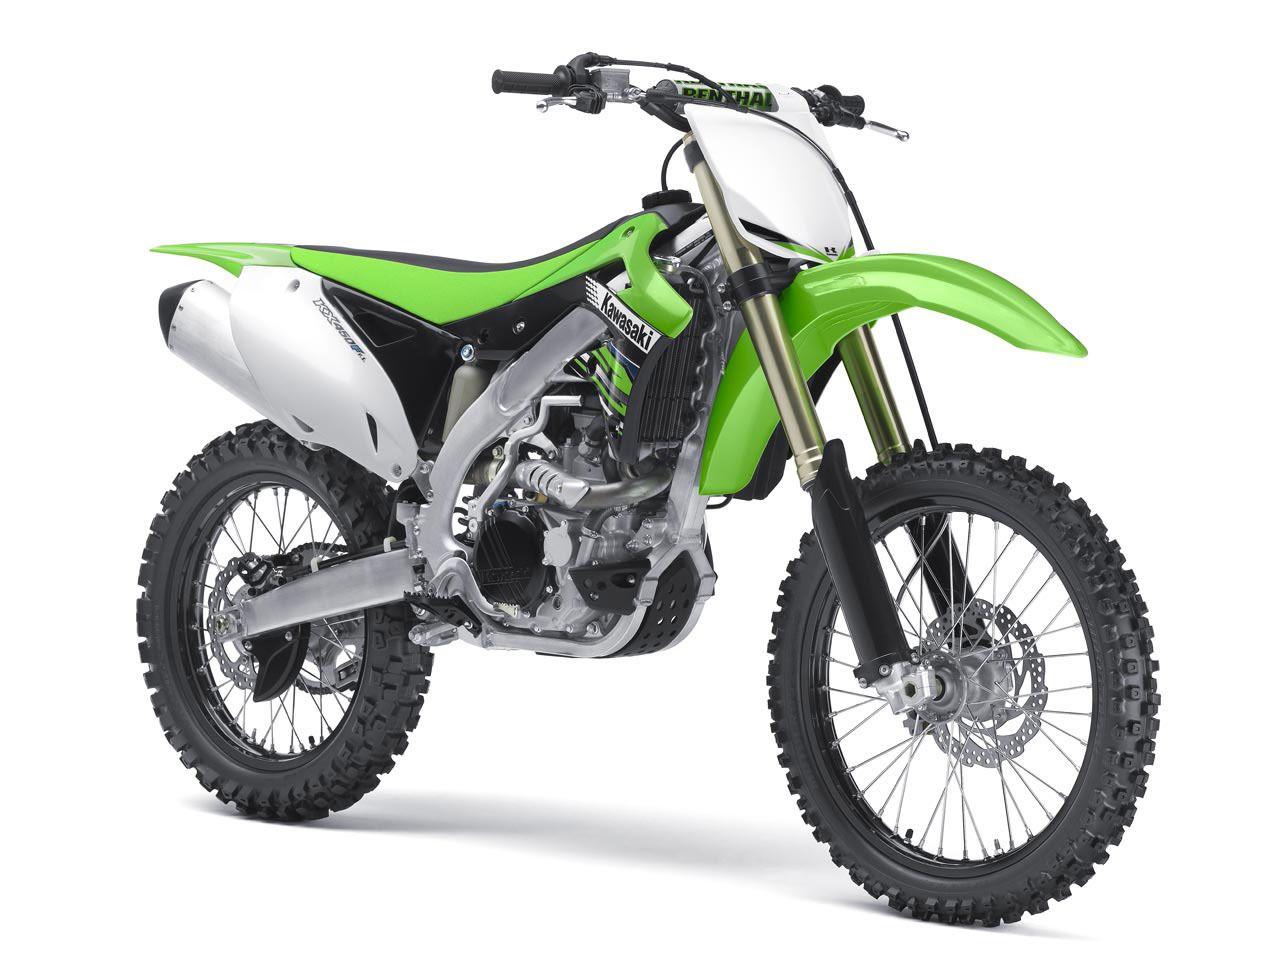 1:32 Scale Kawasaki KX 250, dirtbike toys, motocross toys, Kawi Toy